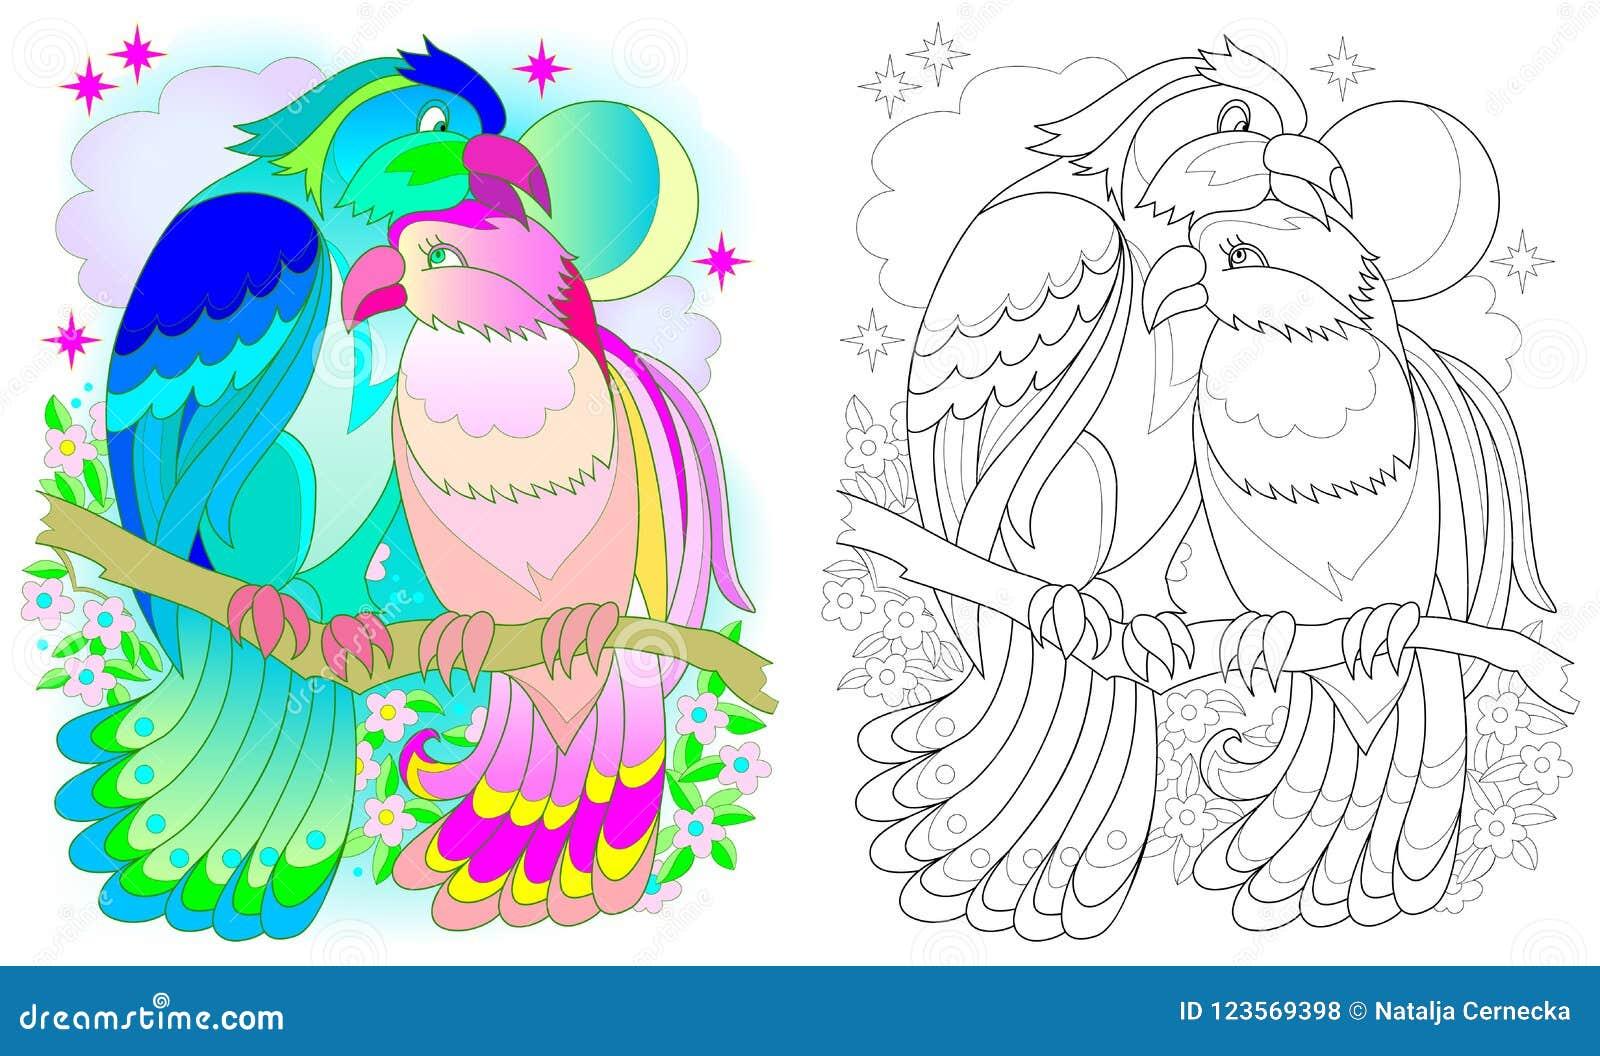 Teste Padrao Colorido E Preto E Branco Para Colorir Desenho Da